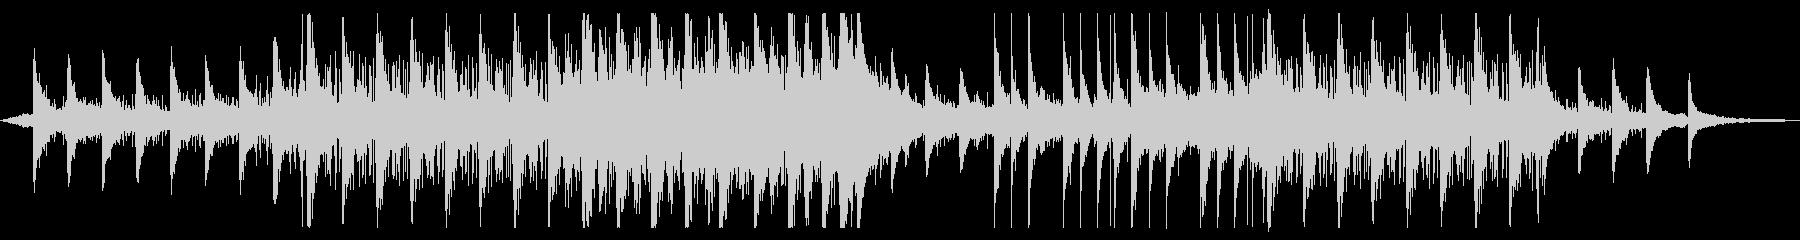 幻想・異空間なアンビエント曲の未再生の波形